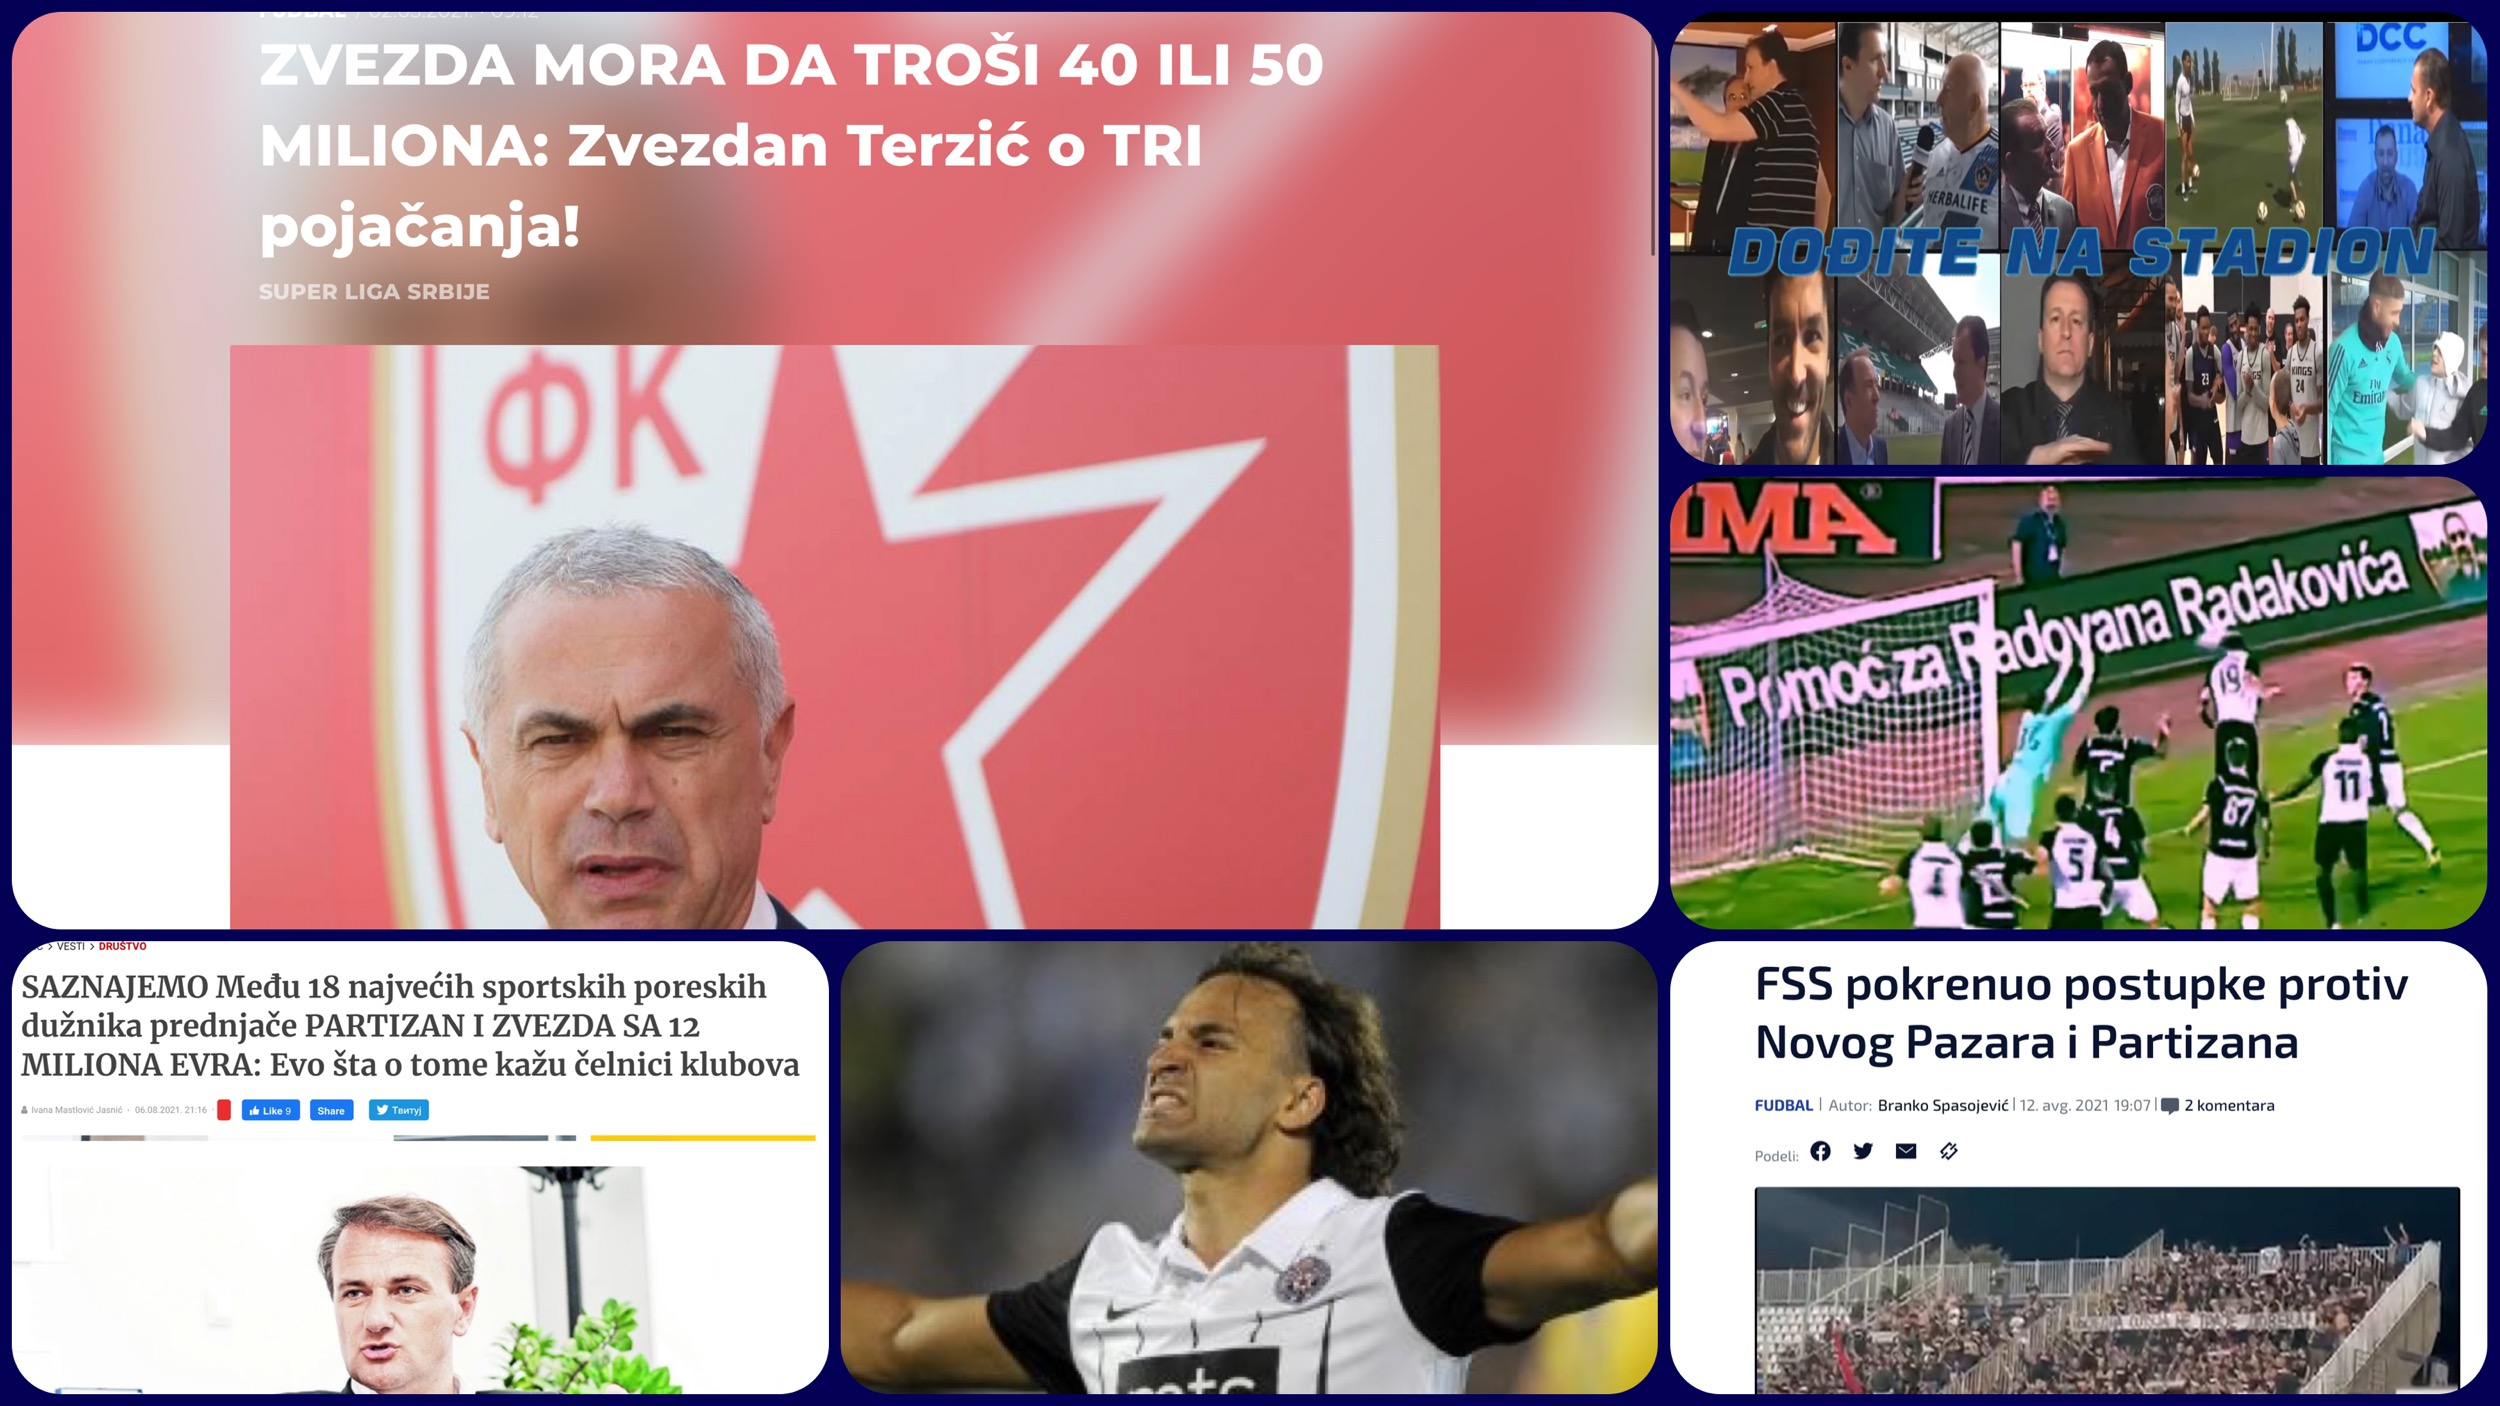 Željko Pantić: Dođite na stadion 448. Pražnjenje stadiona Partizana i gravitacija za doktora Terzića (VIDEO)